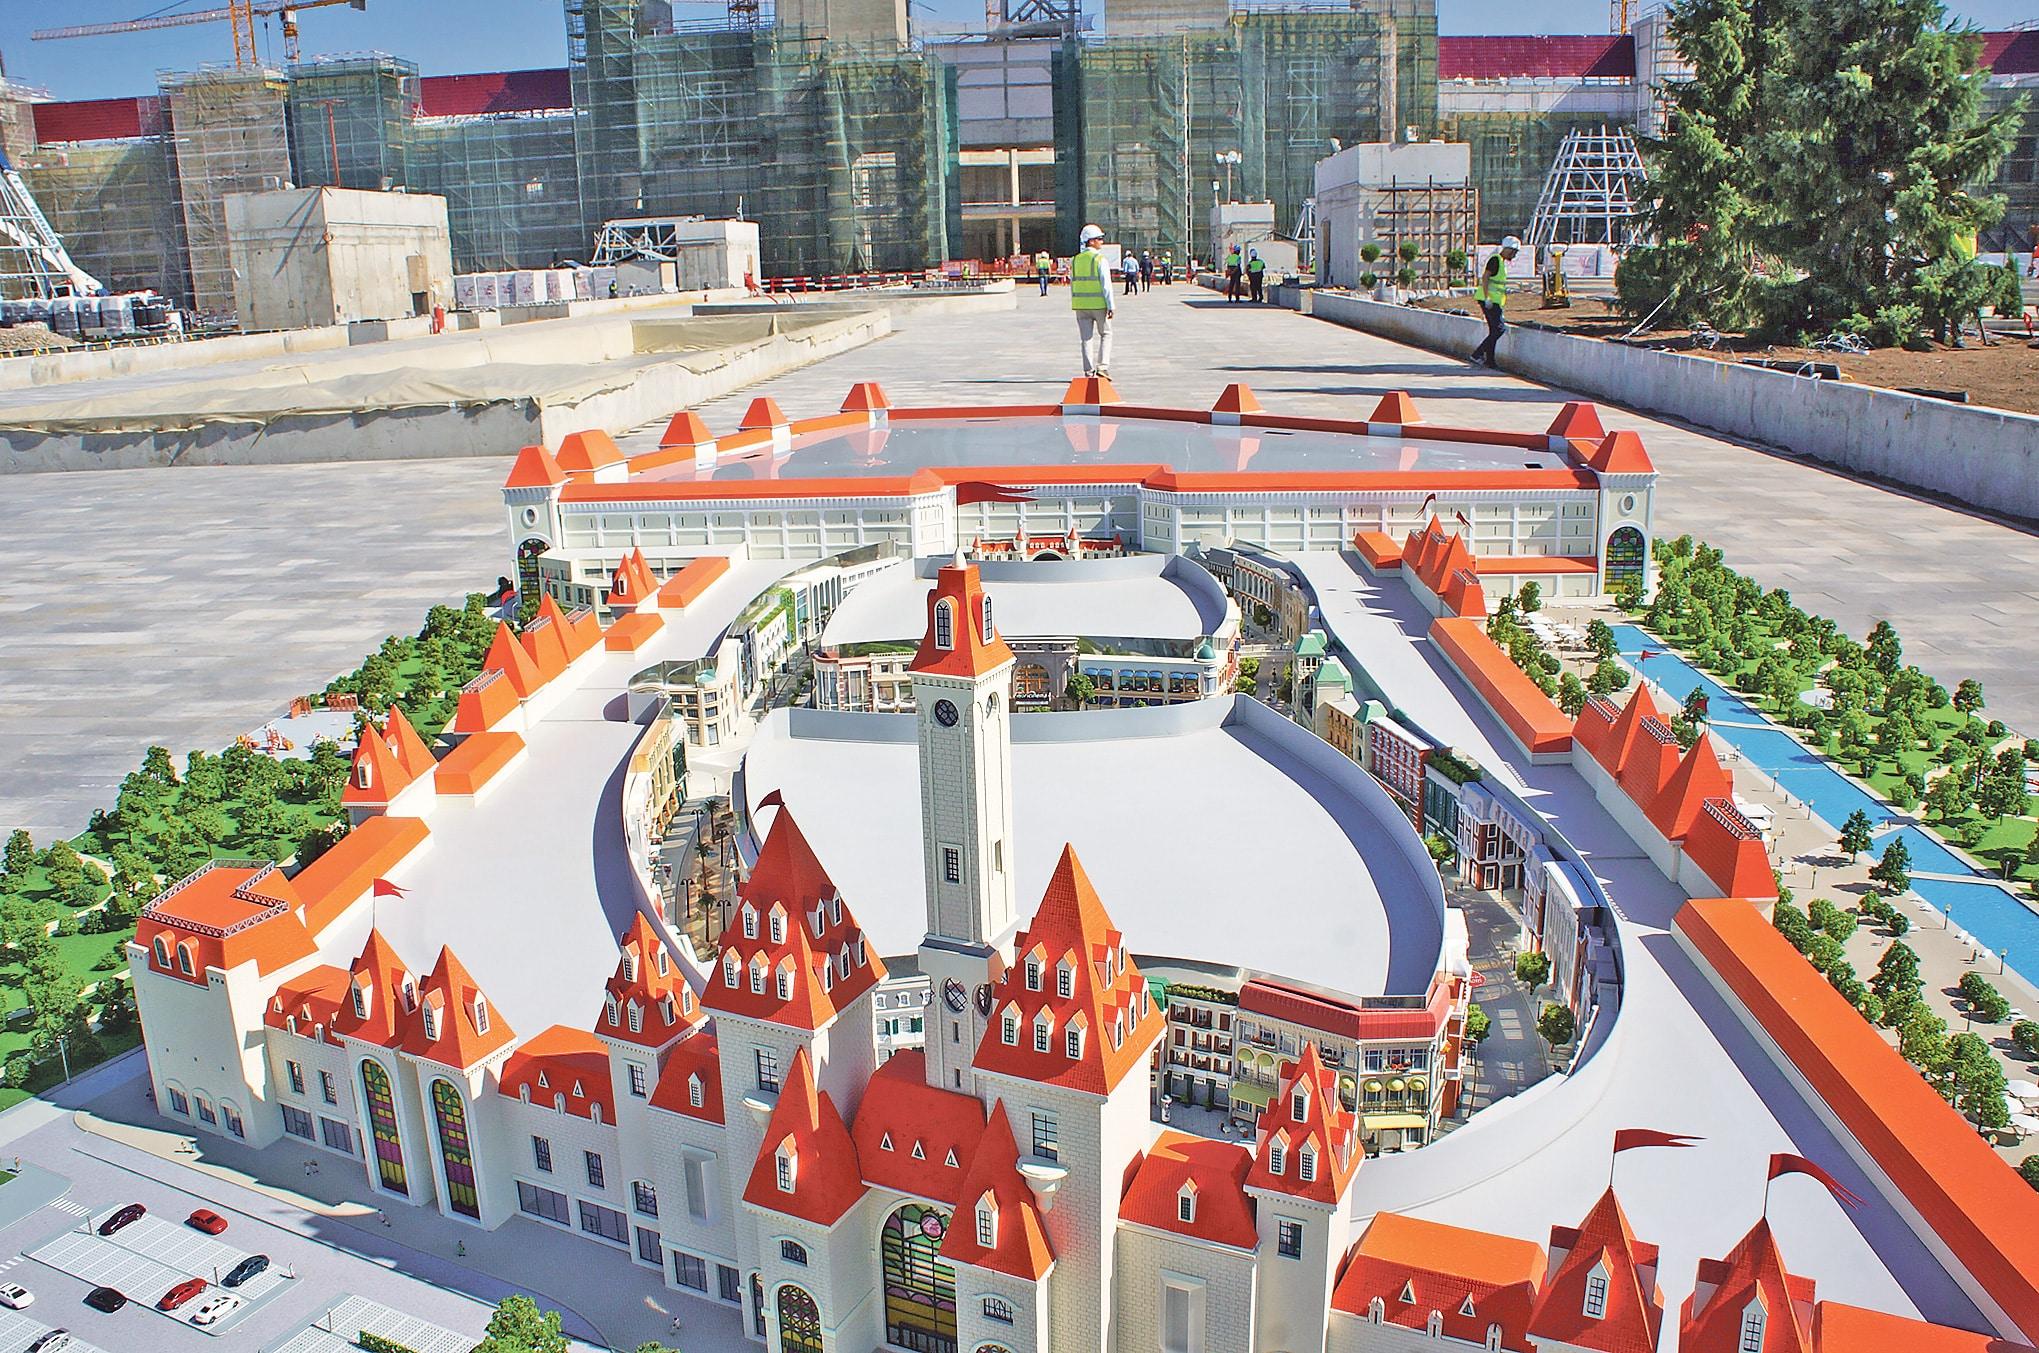 Остров мечты в Москве: когда состоится открытие в 2019 году?